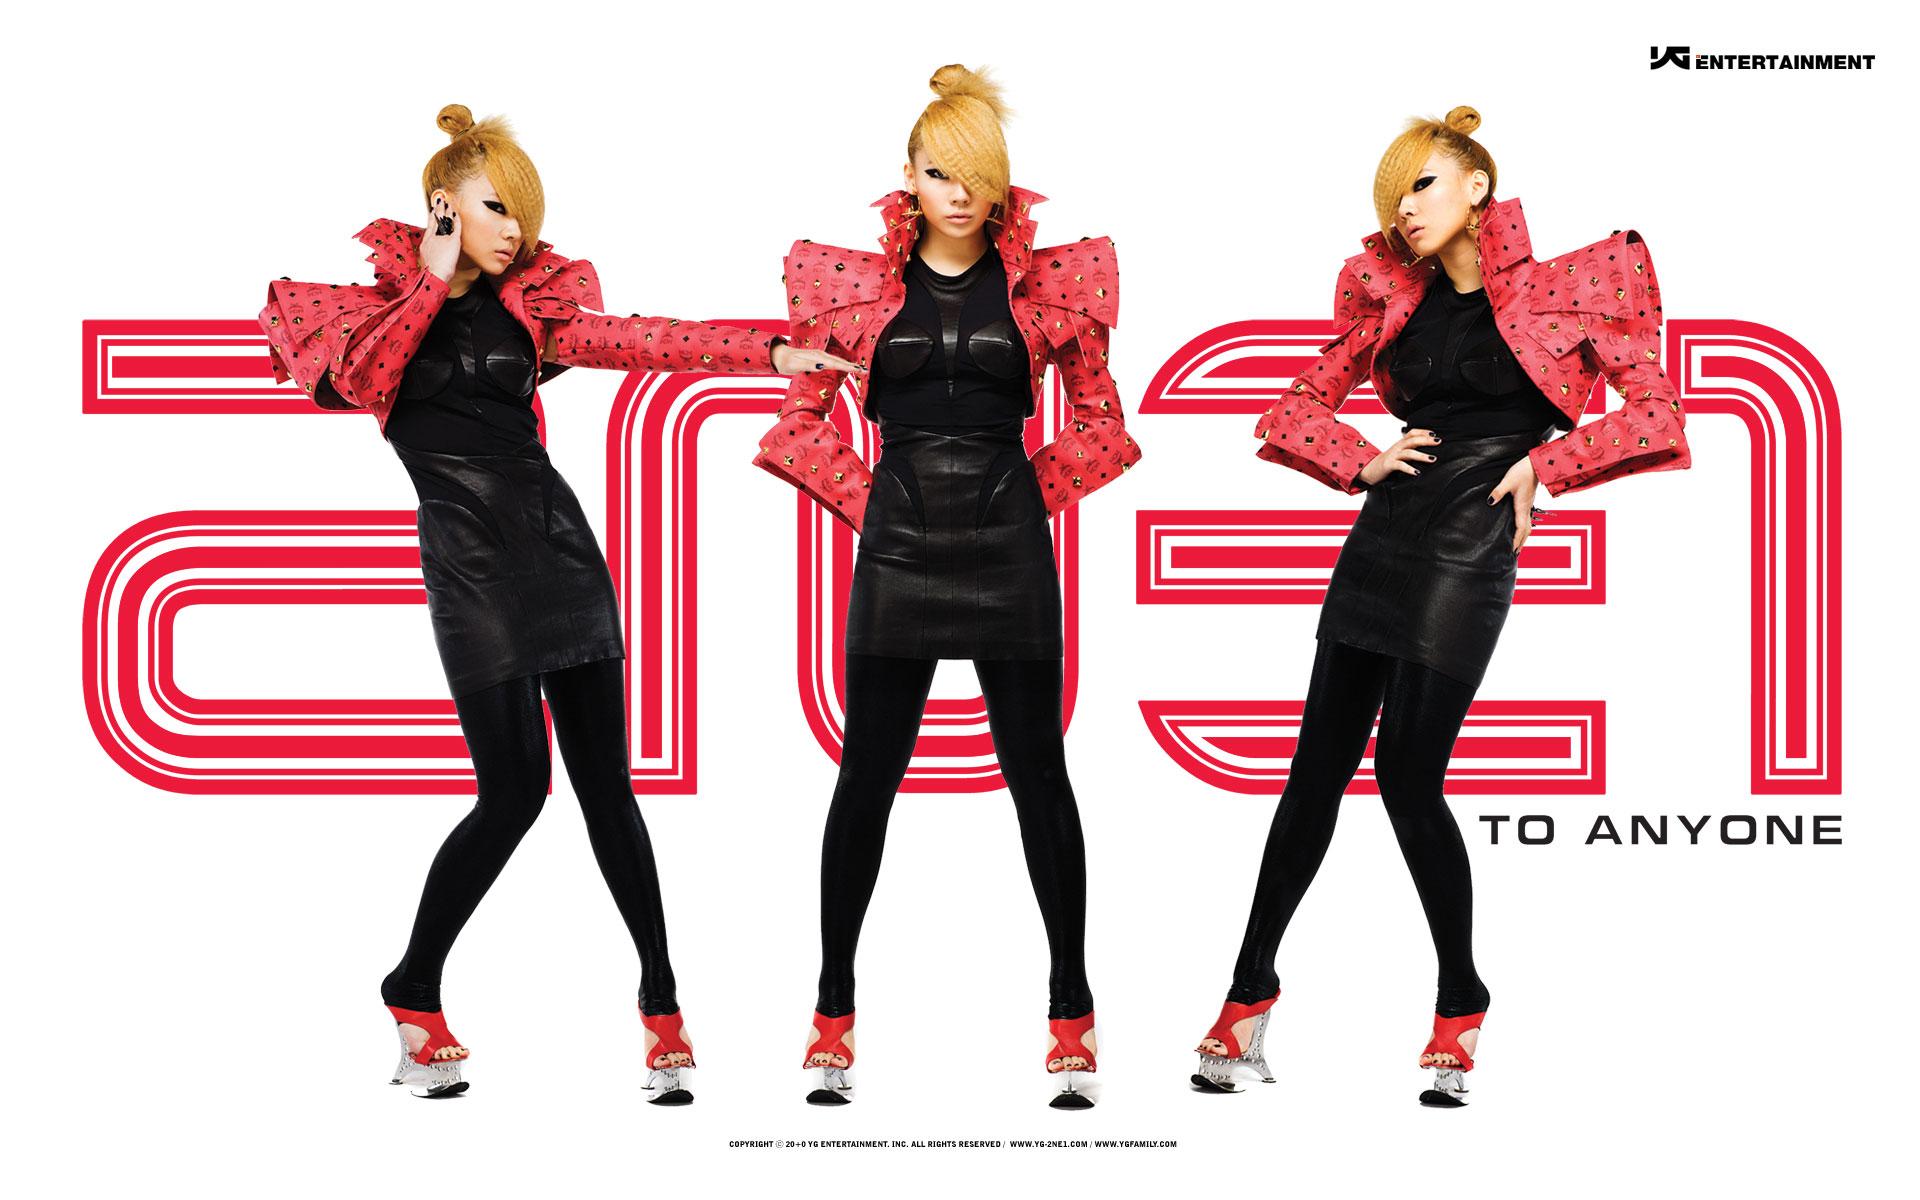 2ne1 Wallpaper Hd 2ne1 K Pop Pop Dance Korean Korea Poster Gi Wallpaper